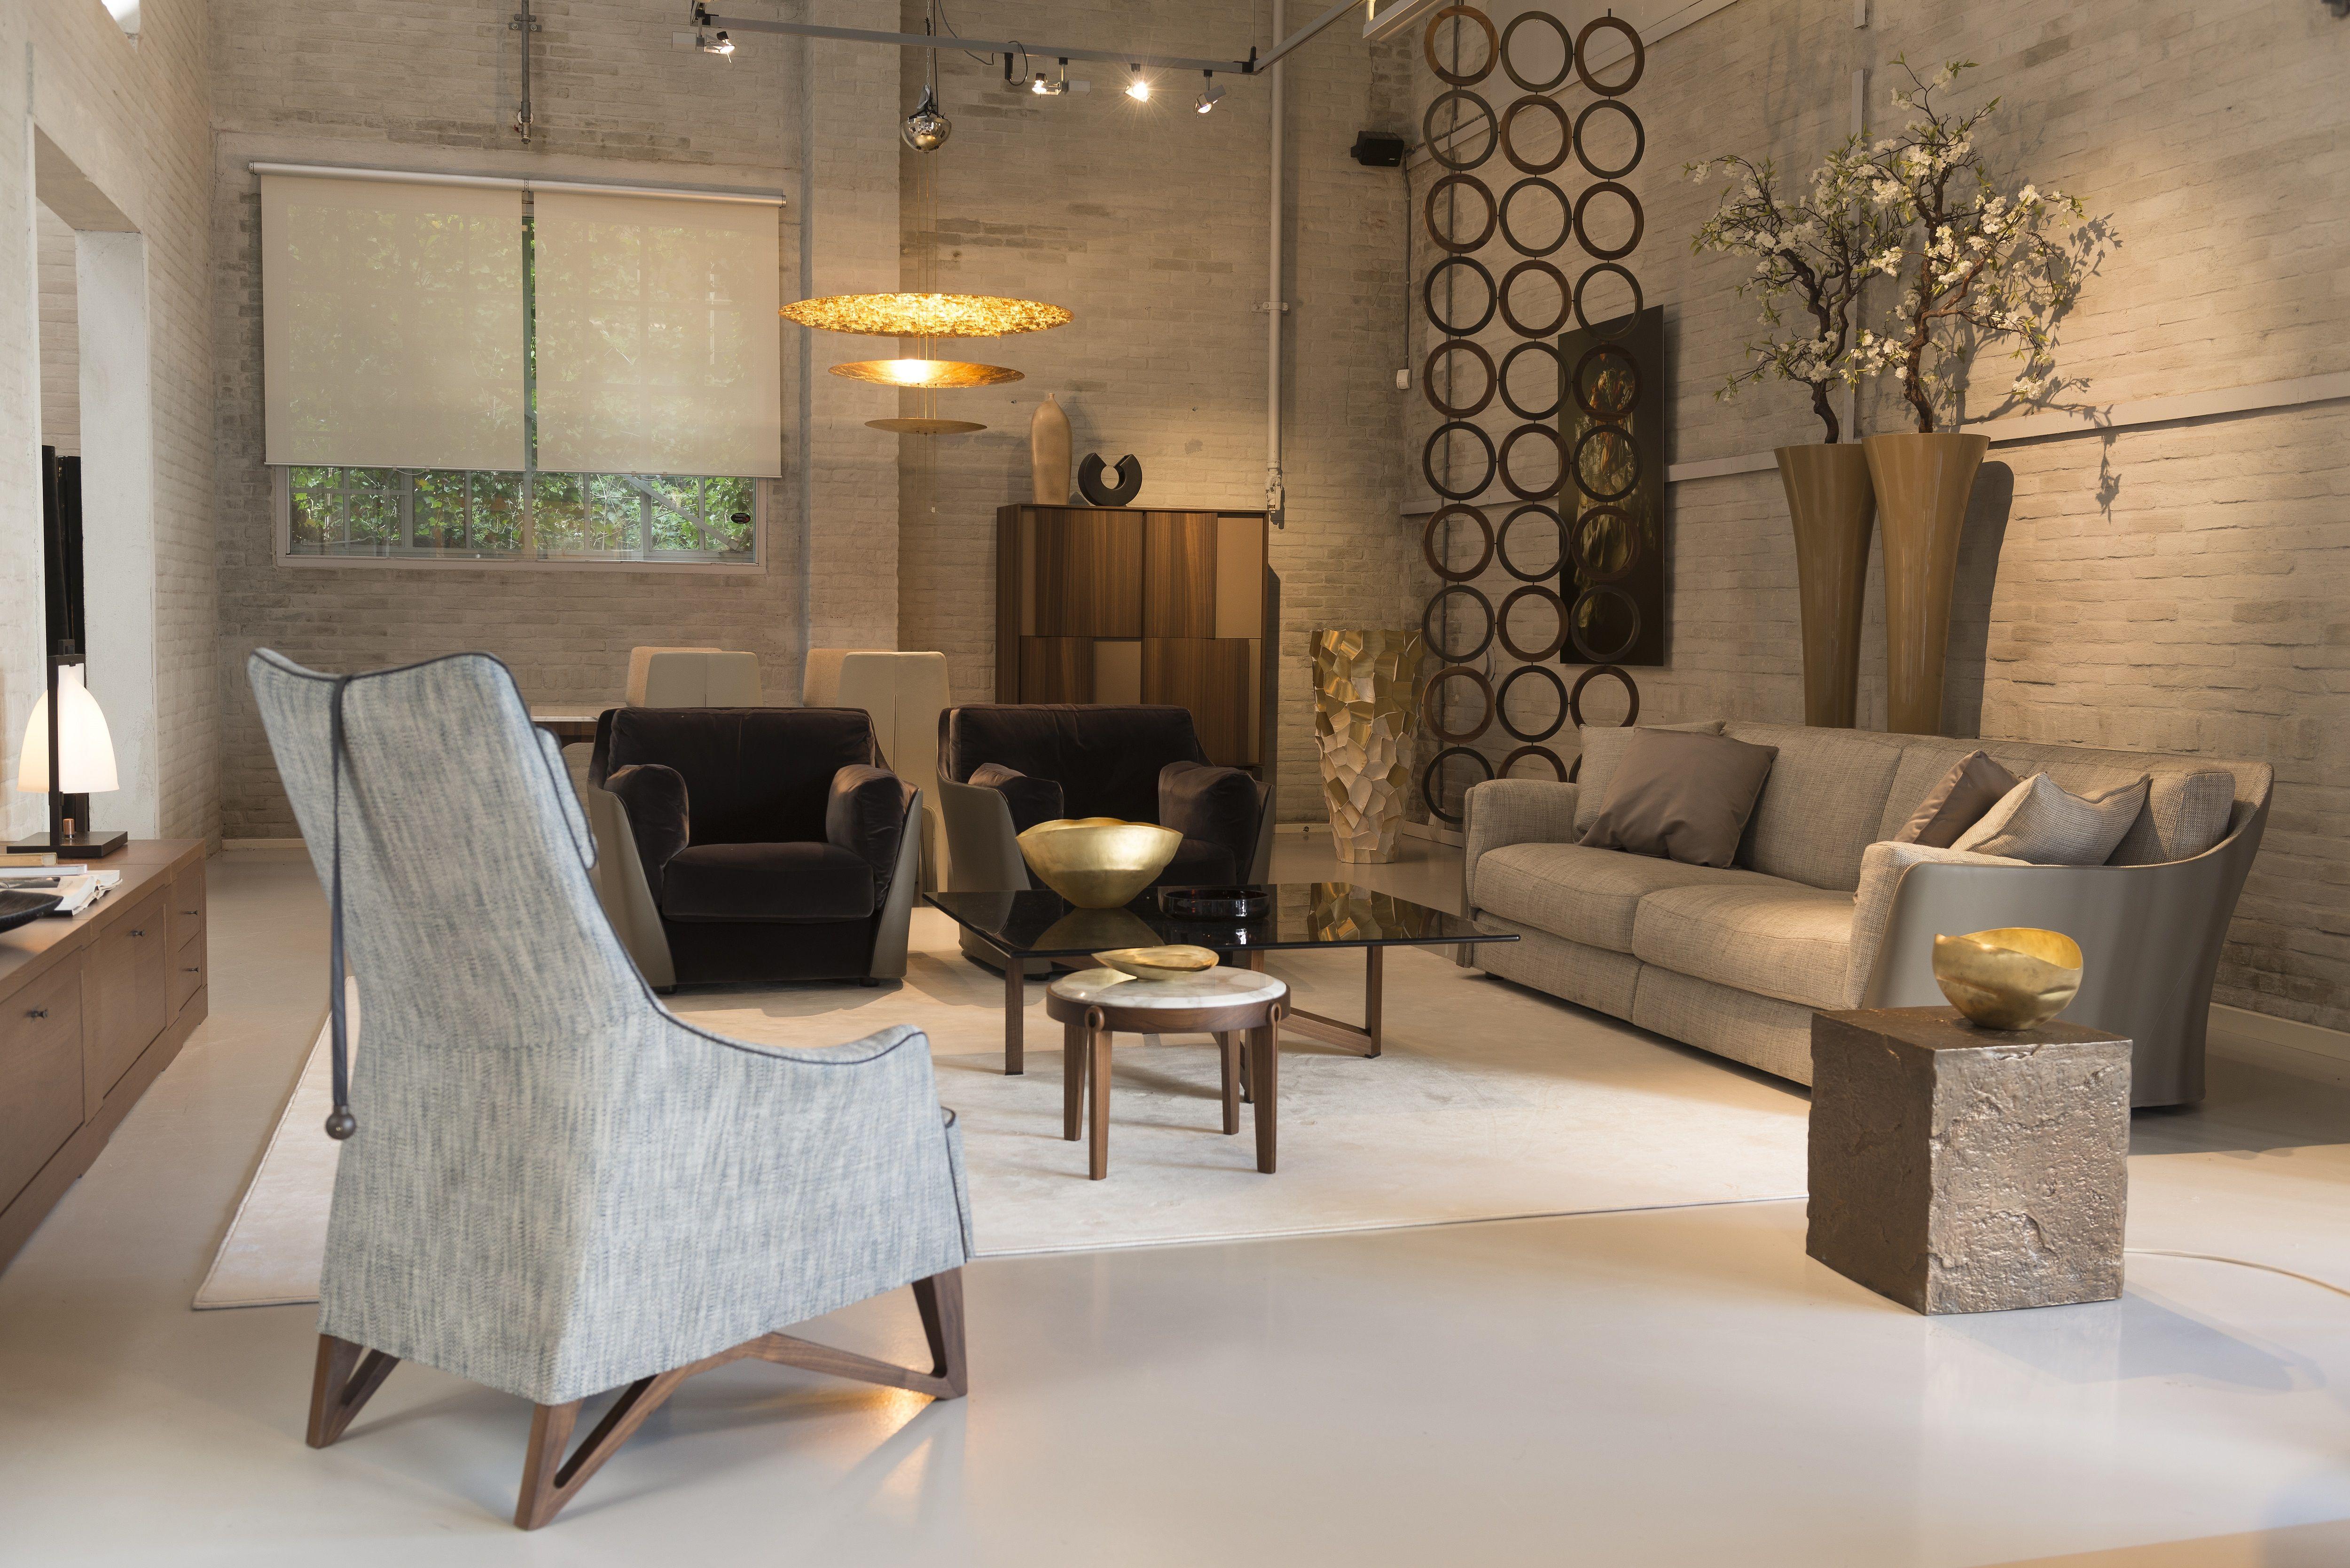 Luxury Italian Design CILO Showroom Дом